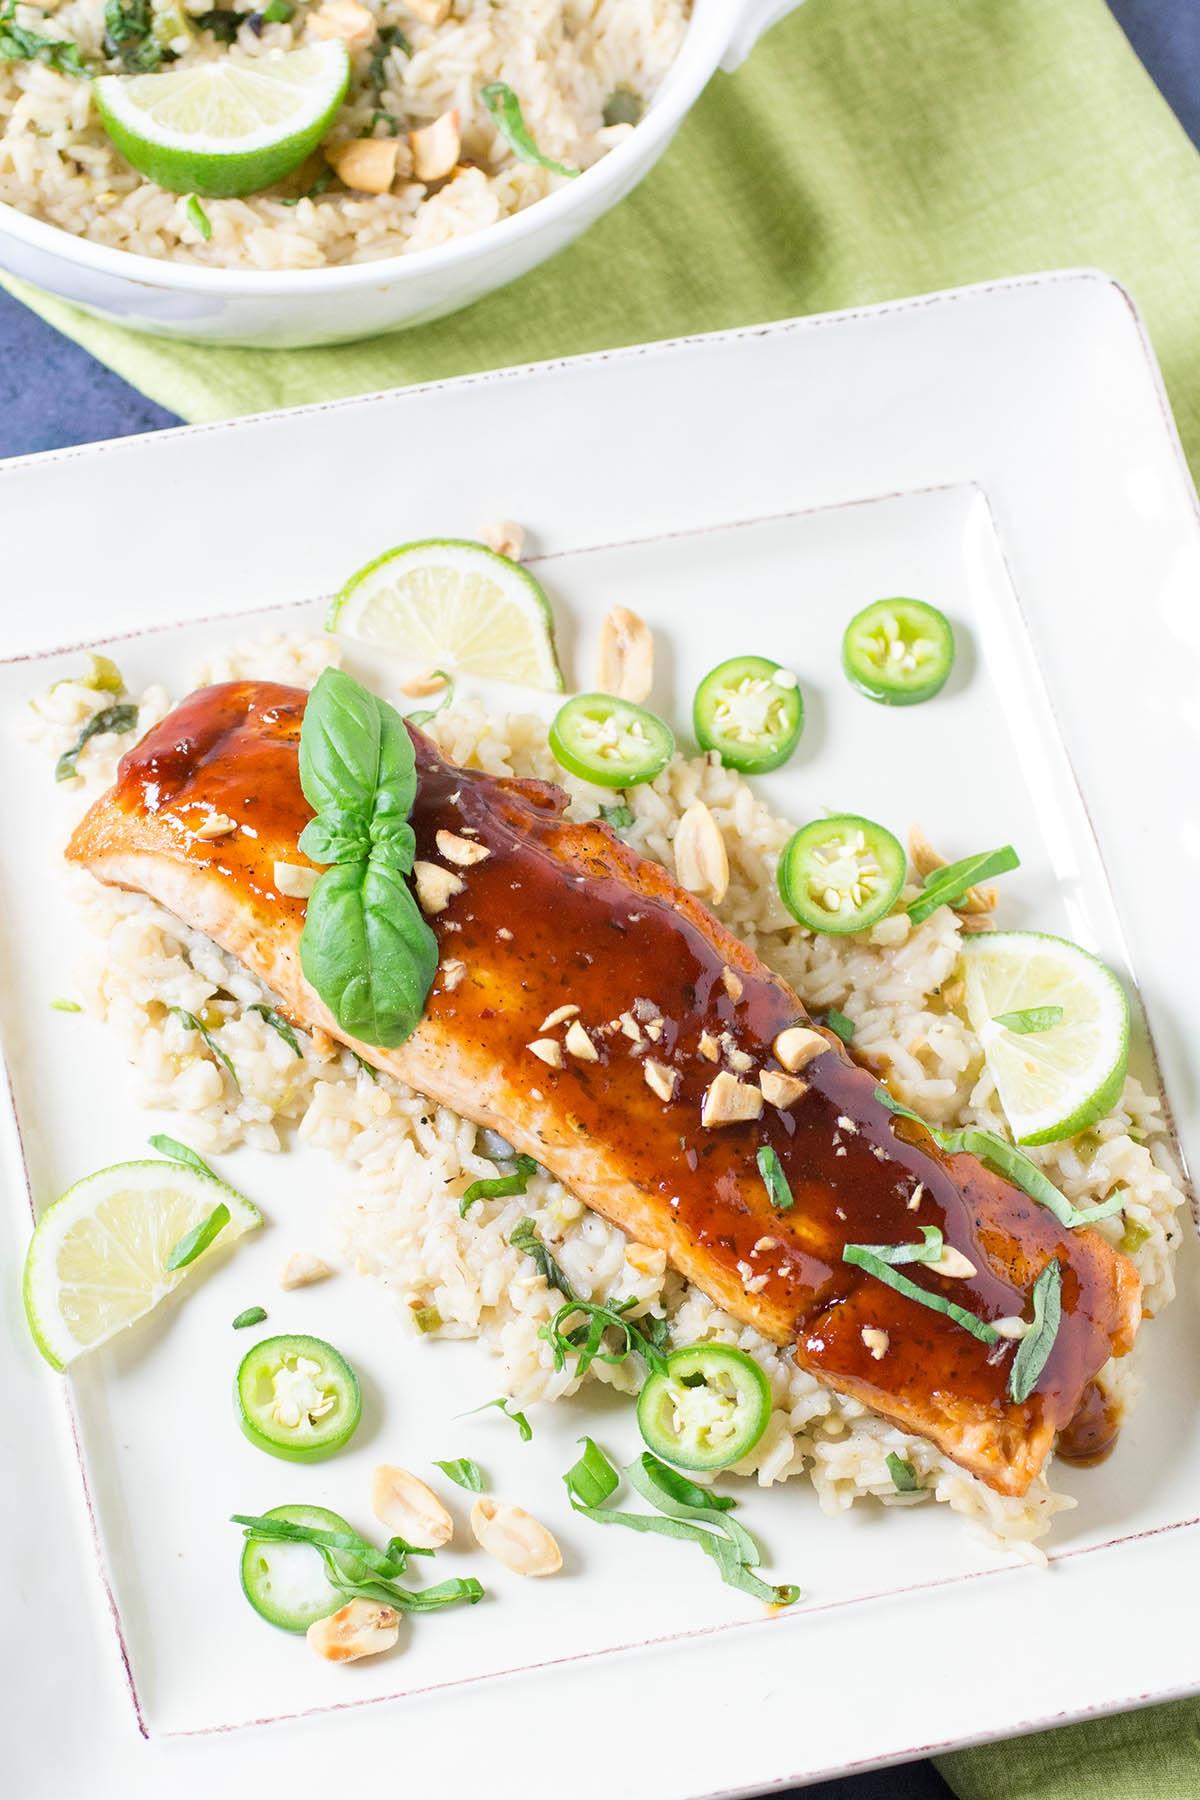 Szechuan Salmon with Chili-Basil Rice